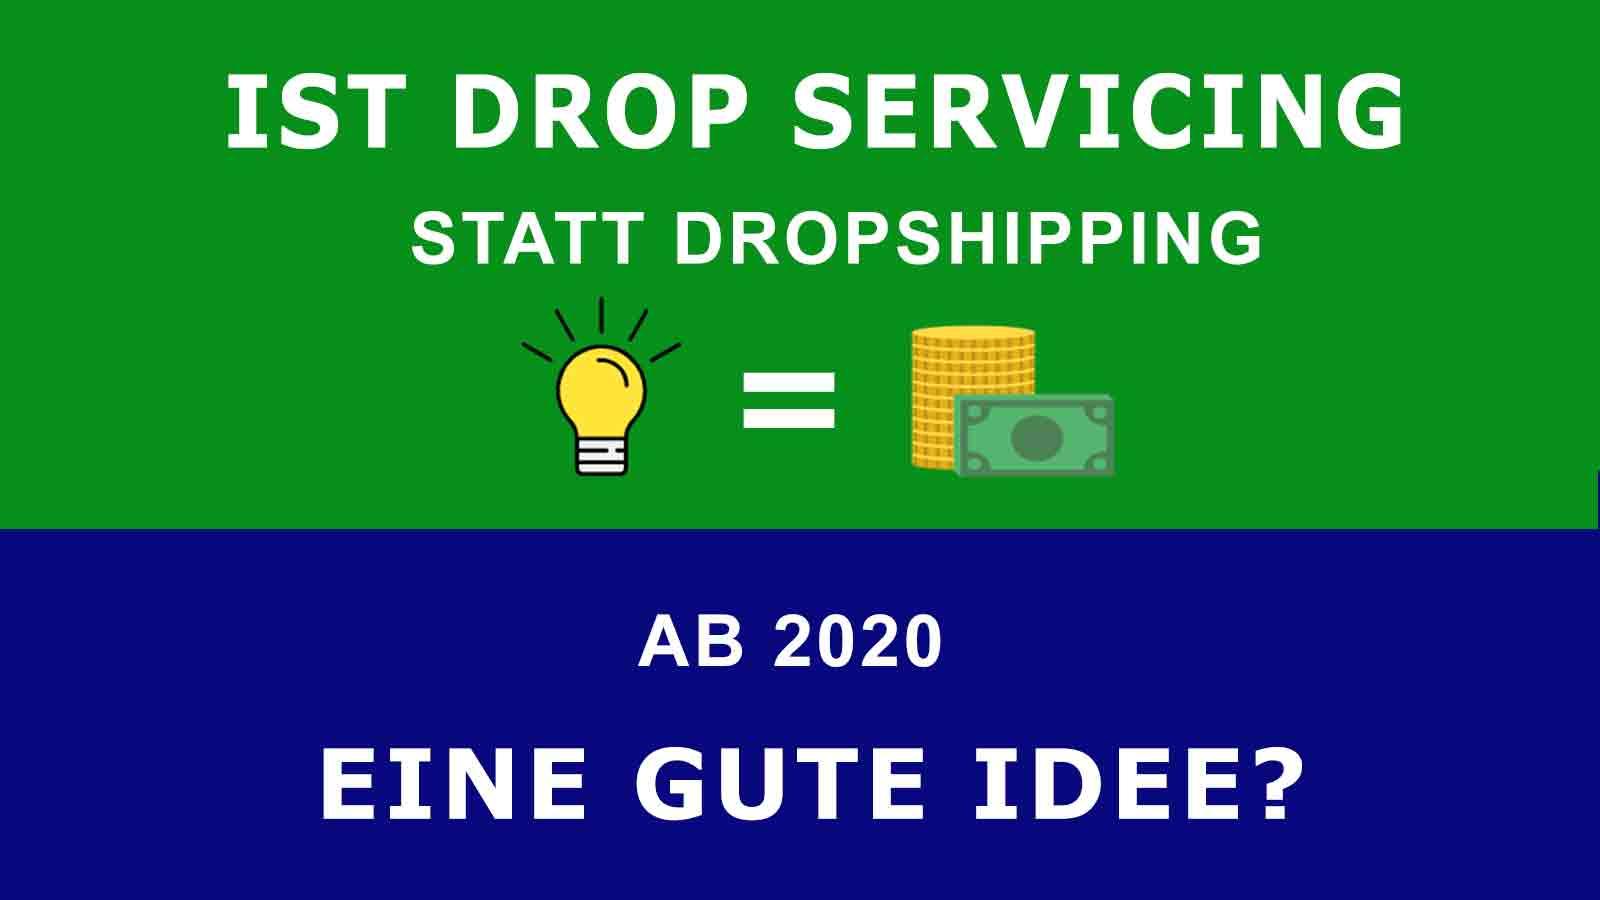 Ist Drop Servicing statt Dropshipping ab 2020 eine gute Idee?